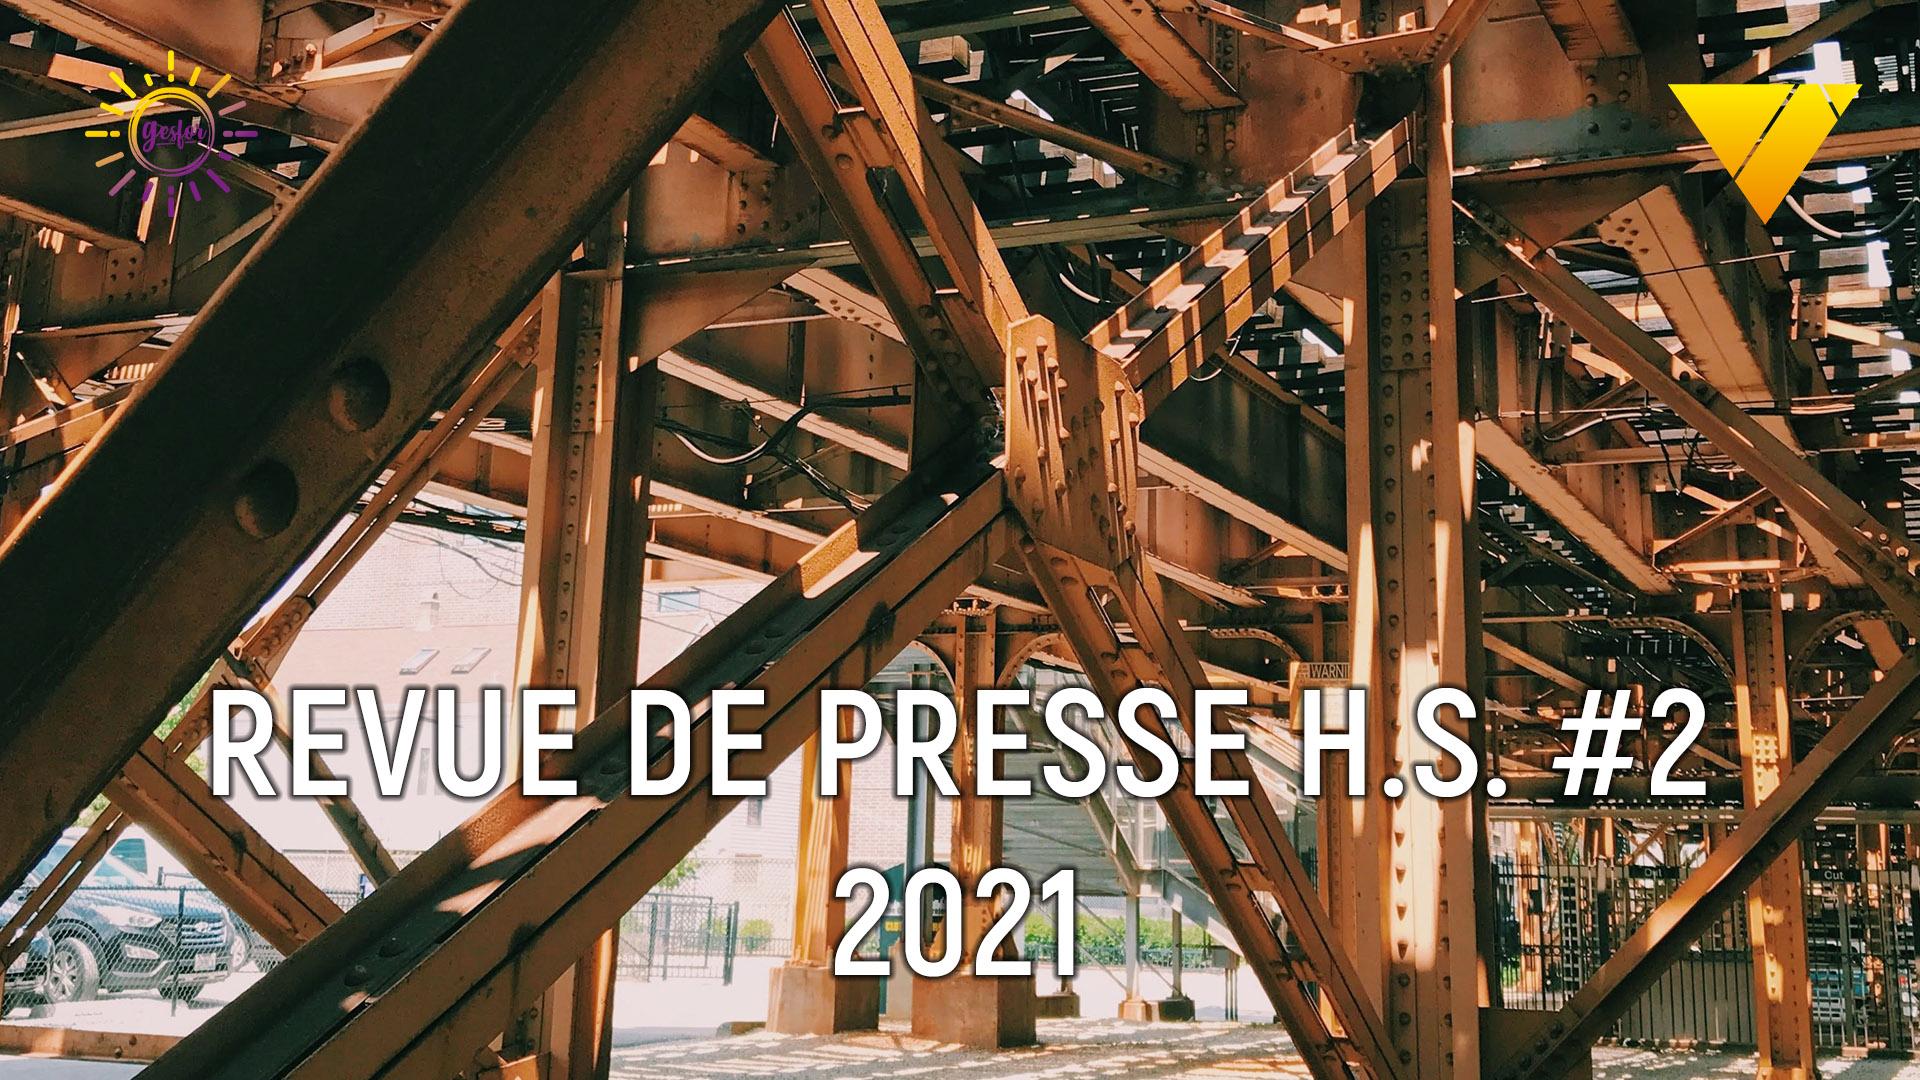 2eme hors serie 2021 revue de presse accidentologie du travail, on parle accident catec avec une retrospective depuis 2019